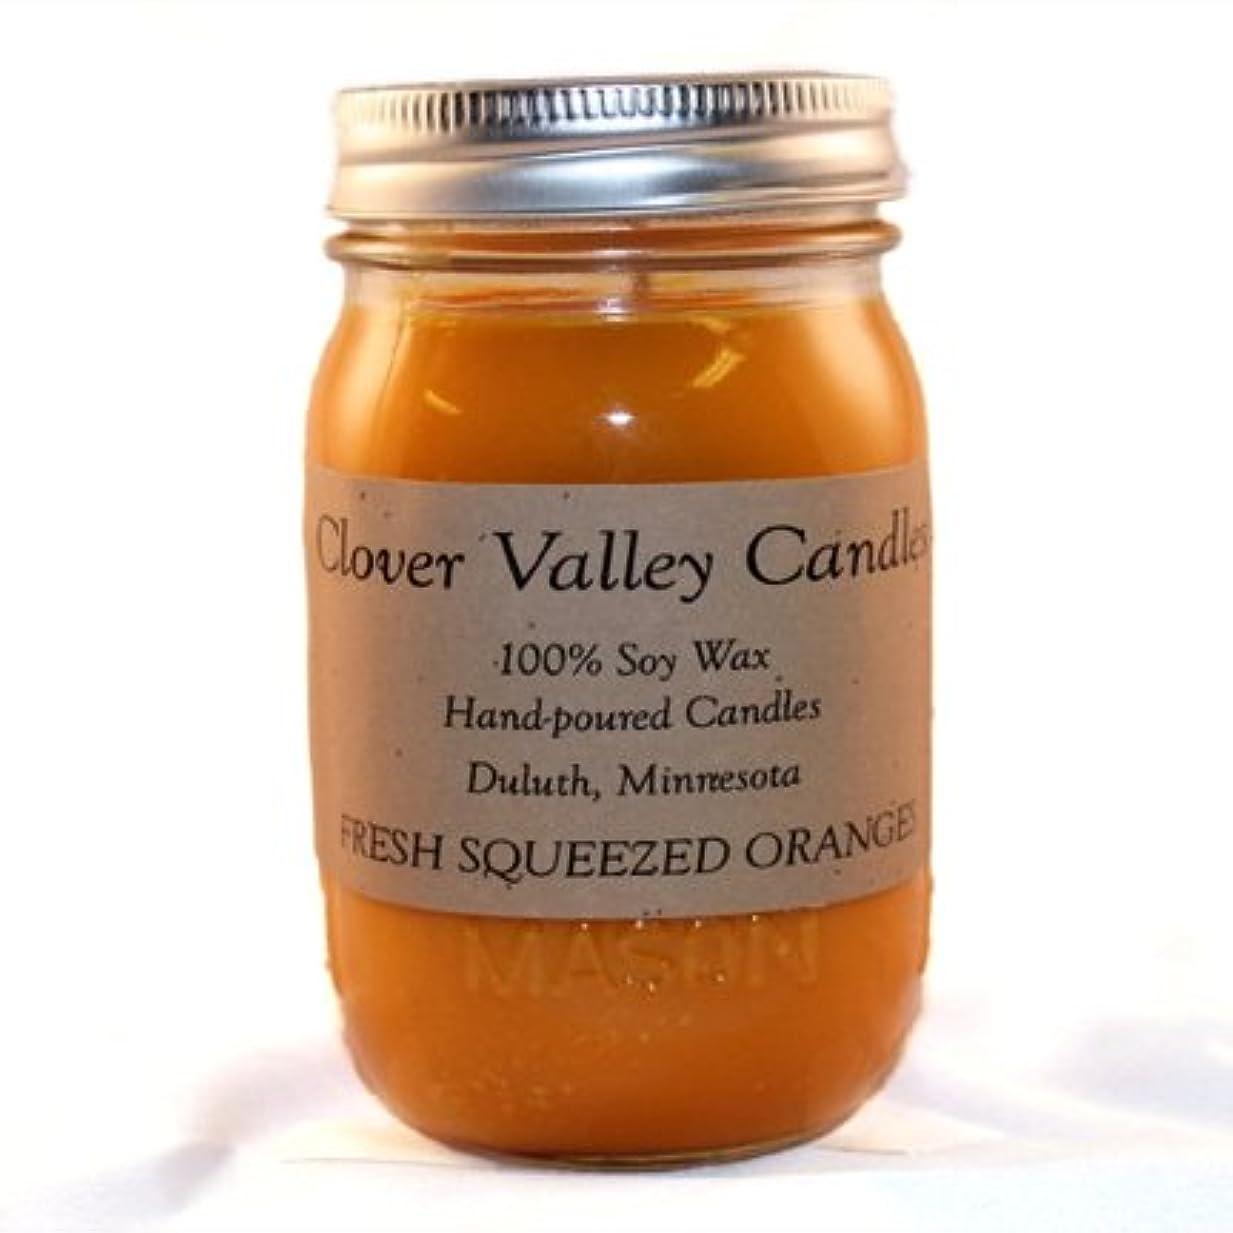 噛む収まる消費者Fresh Squeezed Oranges Pint香りつきSoy Candle byクローバーValleyキャンドル